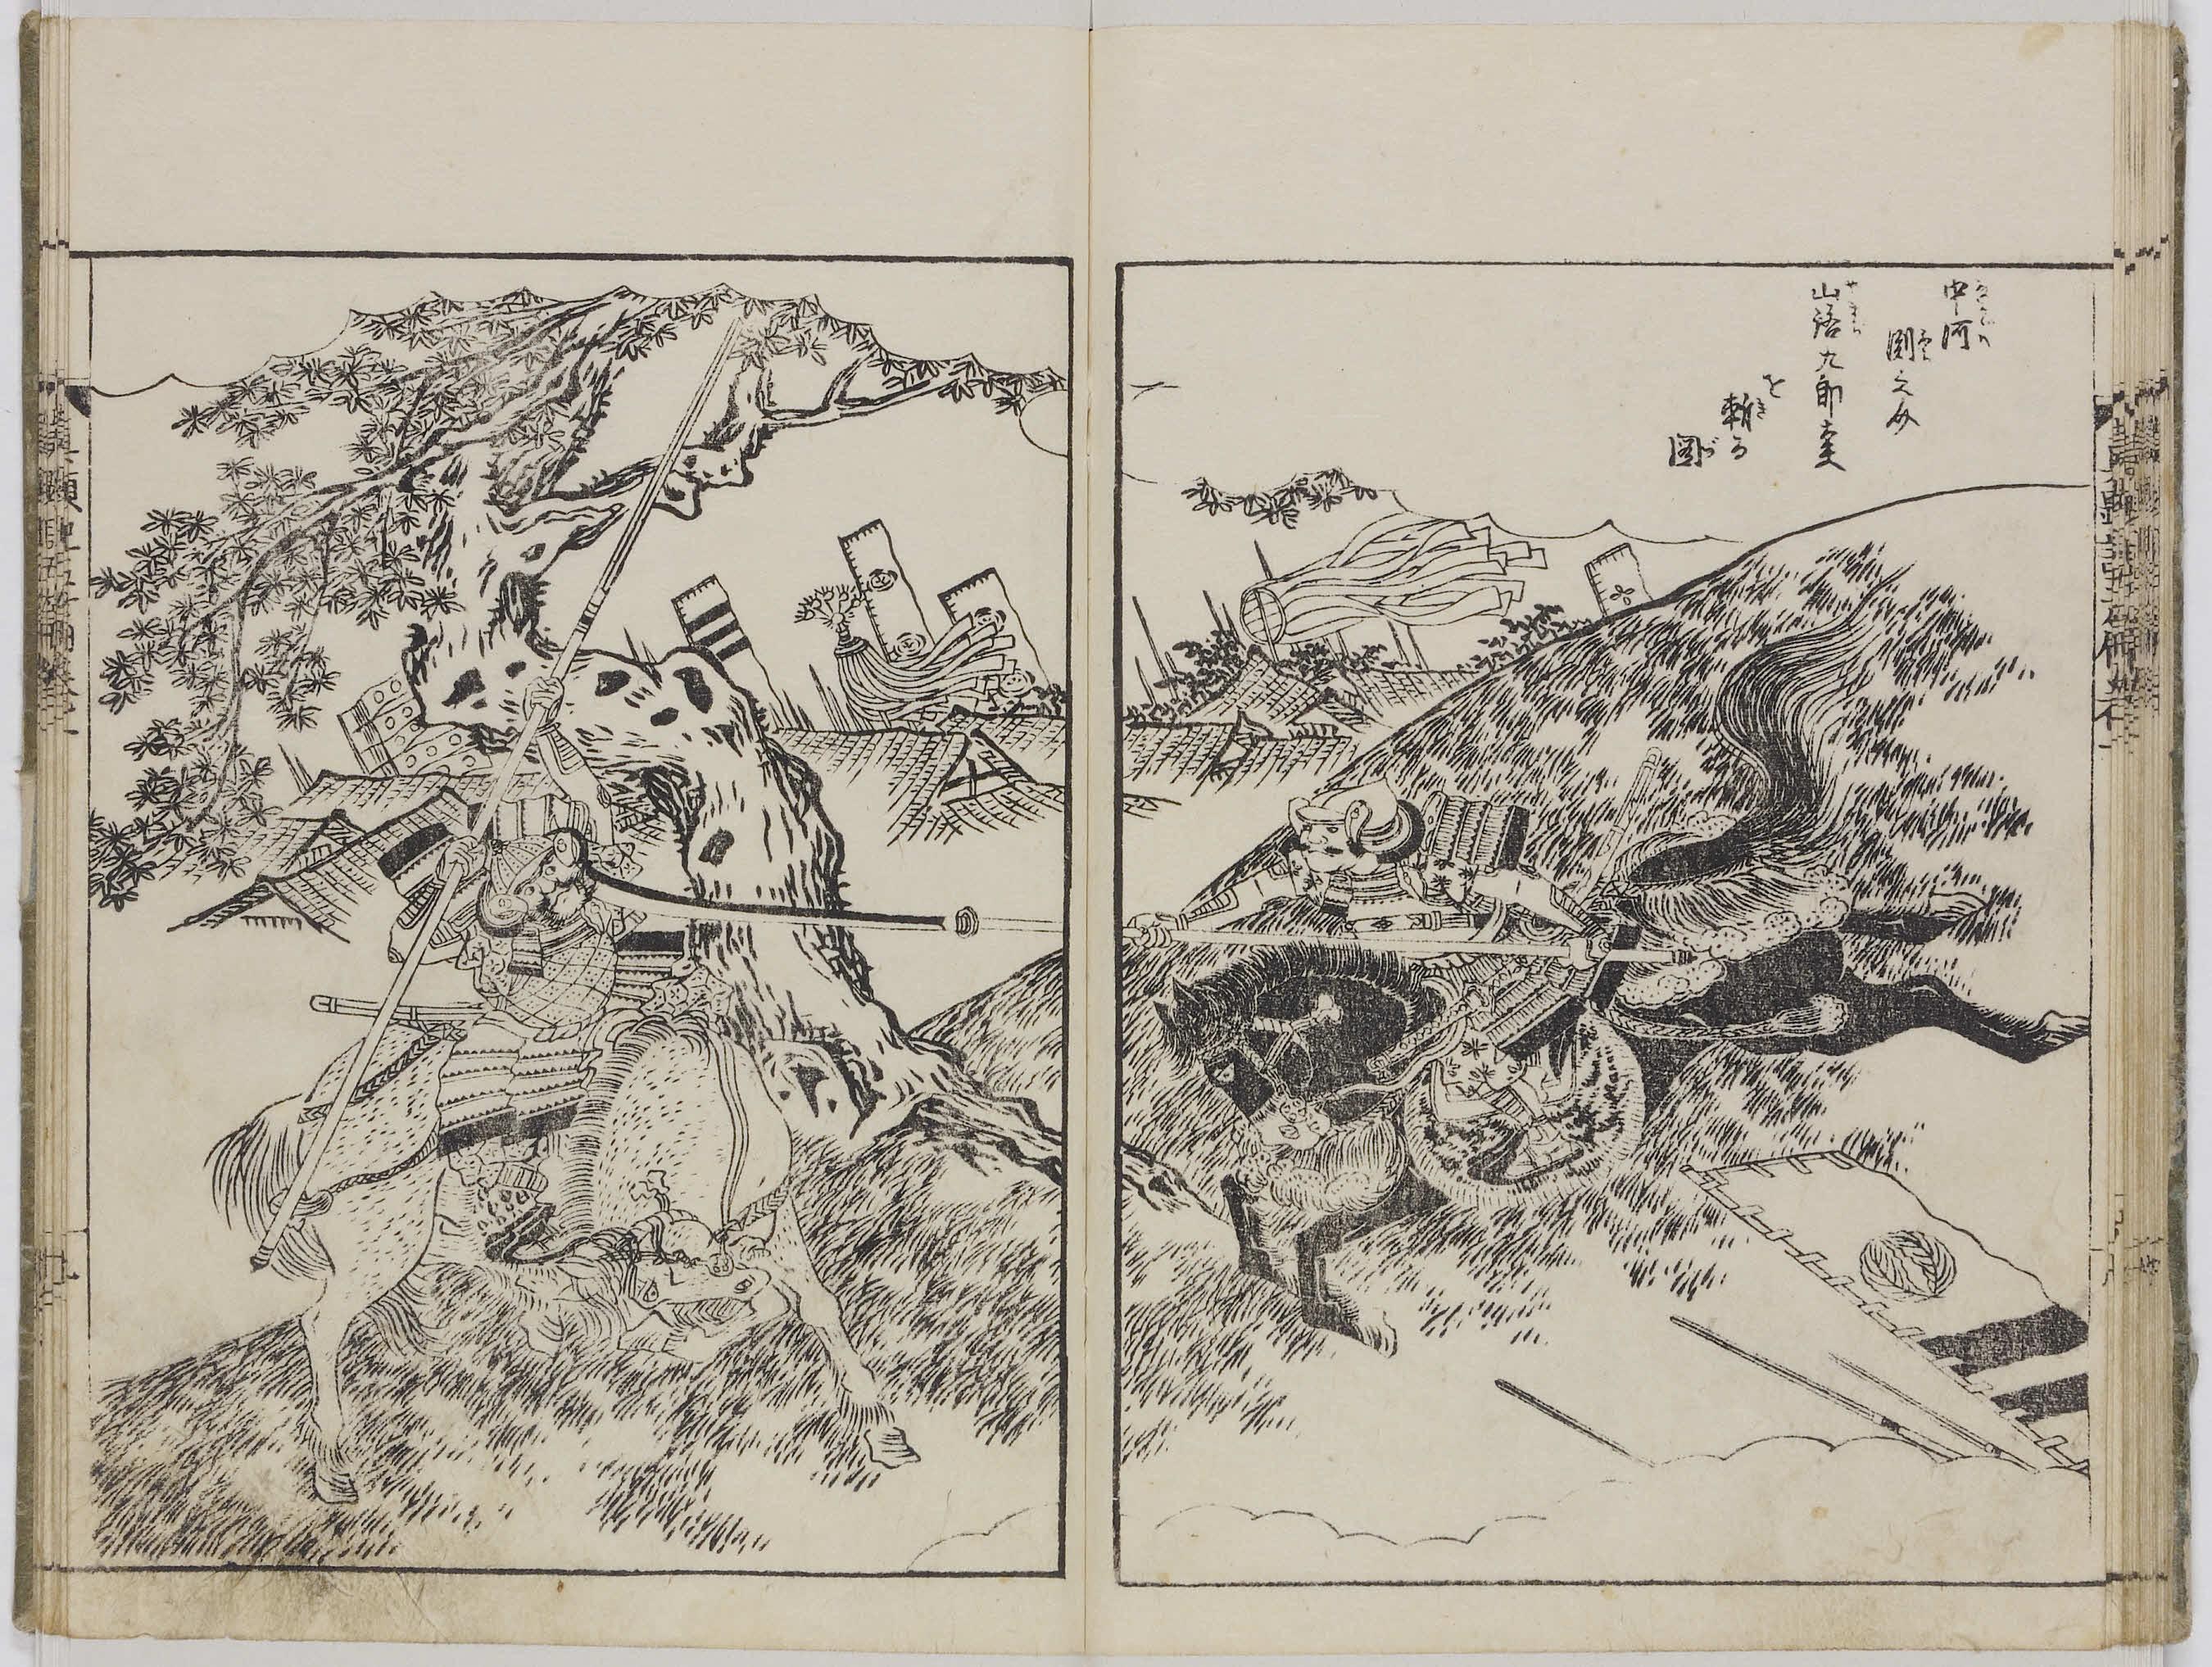 B5-01 中河渕之介山路九郎太夫を斬る